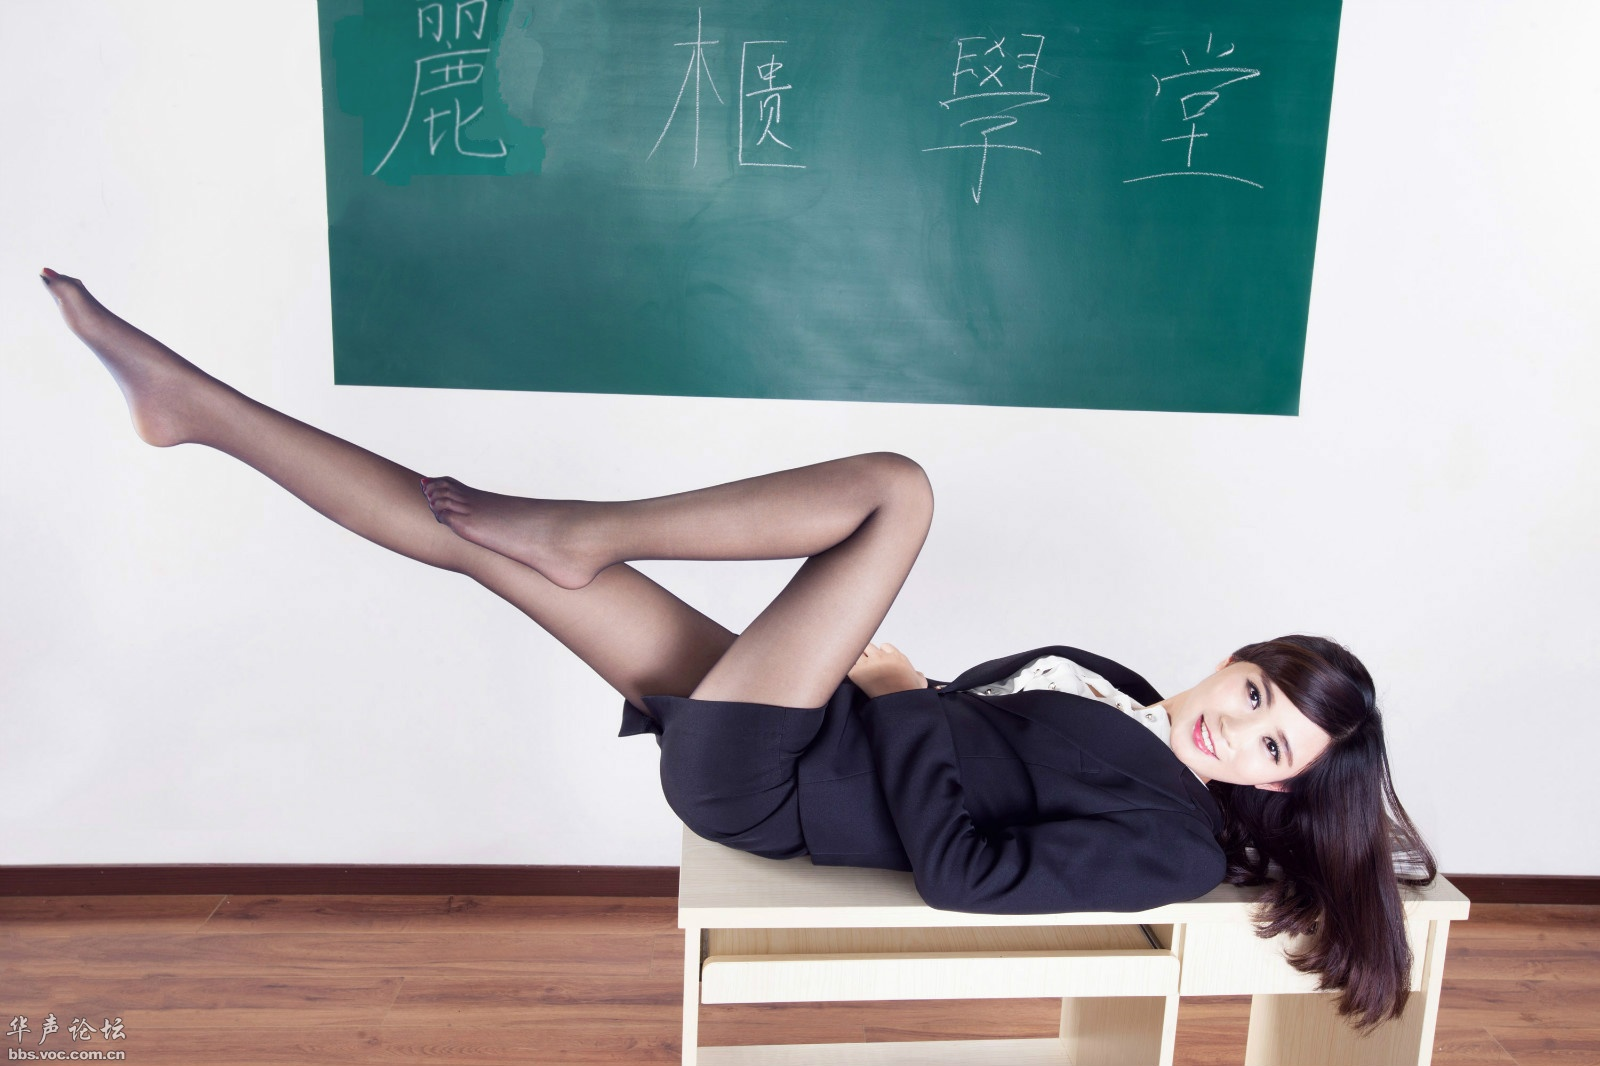 丽柜美模美腿秀12 - 花開有聲 - 花開有聲